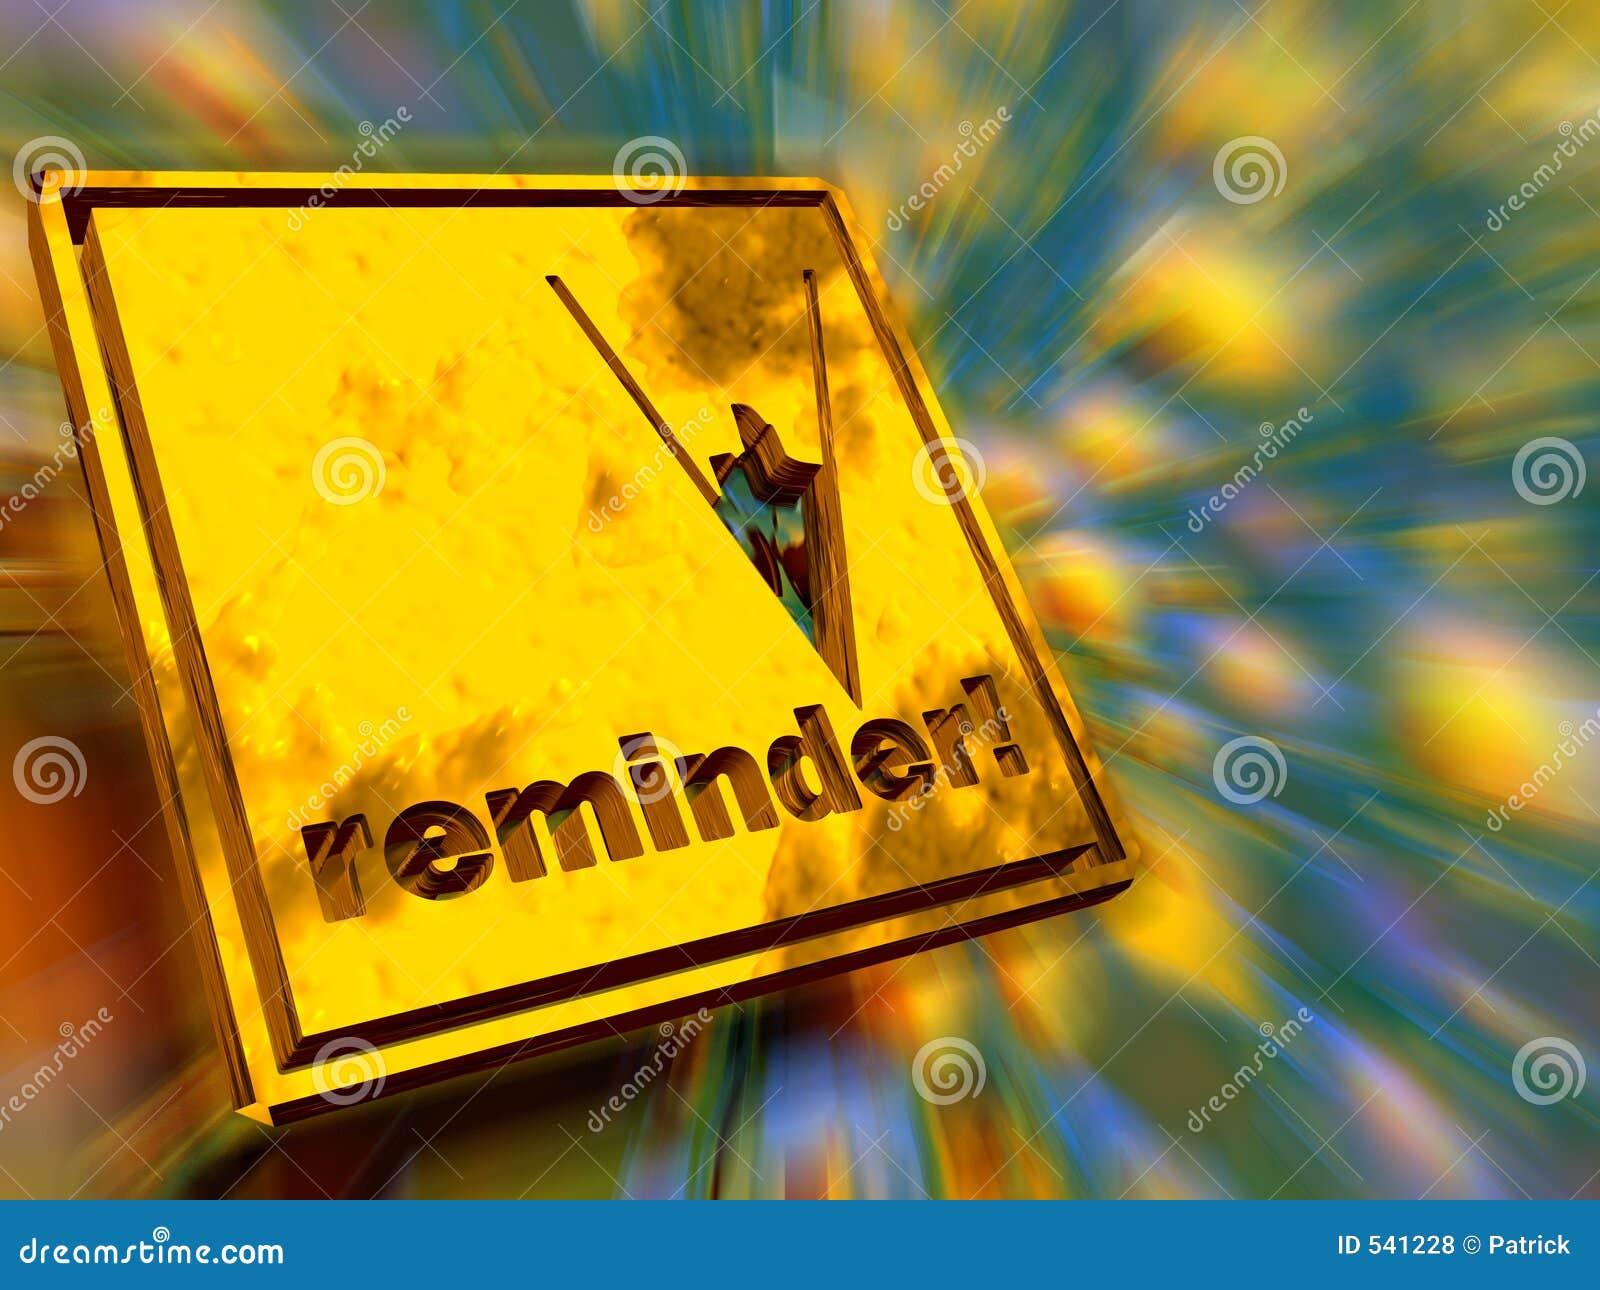 Download 金器提示 库存例证. 插画 包括有 剪报, 路径, 小心, 金黄, 通知, 反映, 声明, 金子, 尺寸, 世界 - 541228